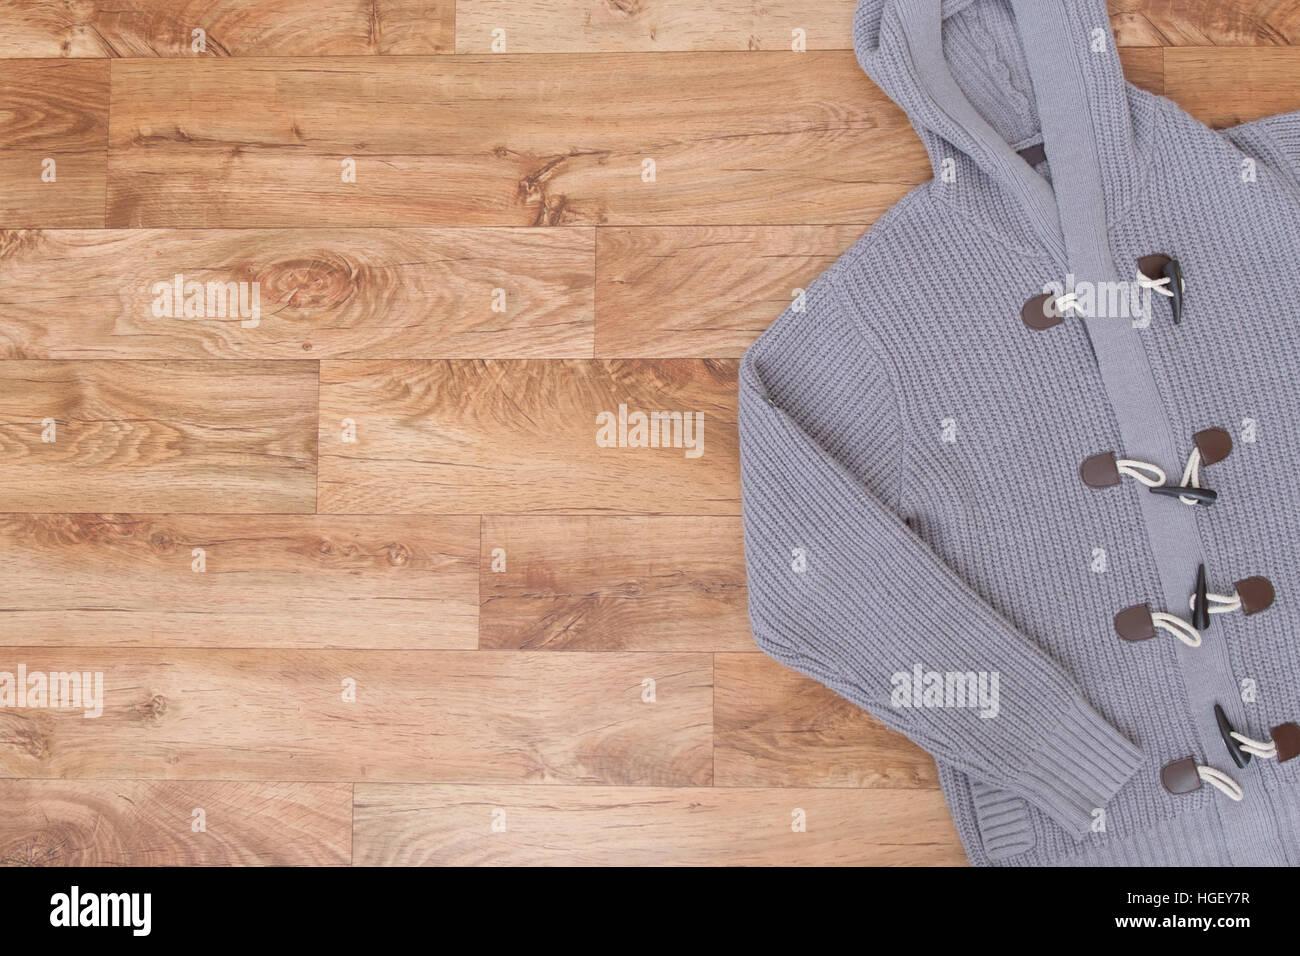 Vista superior de la ropa de invierno en madera Imagen De Stock